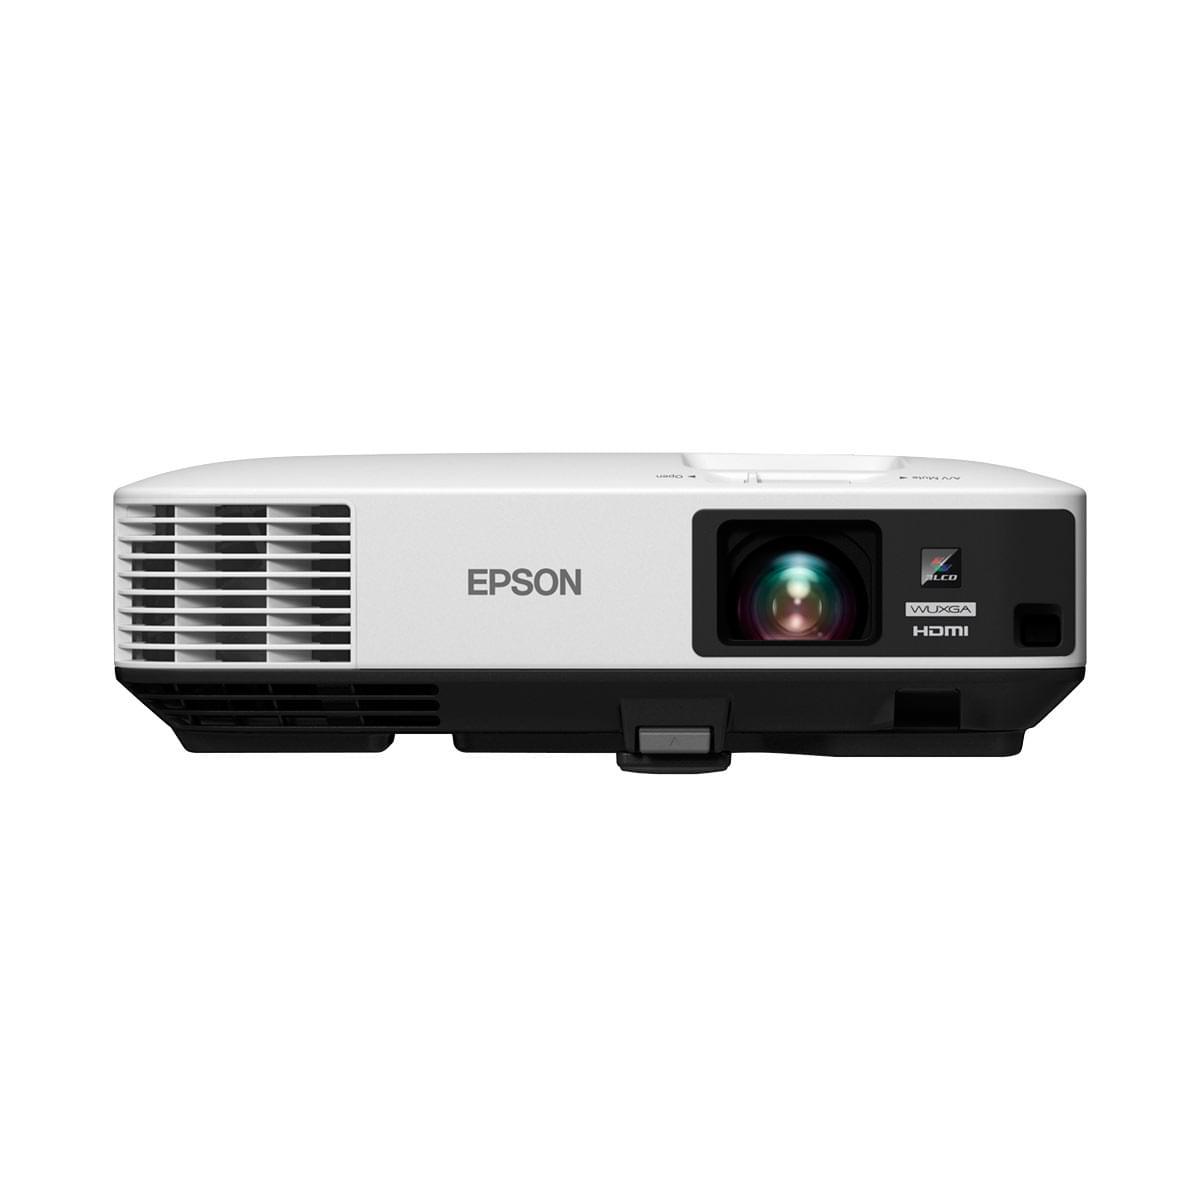 Epson EB-1980WU - Vidéoprojecteur Epson - Cybertek.fr - 0